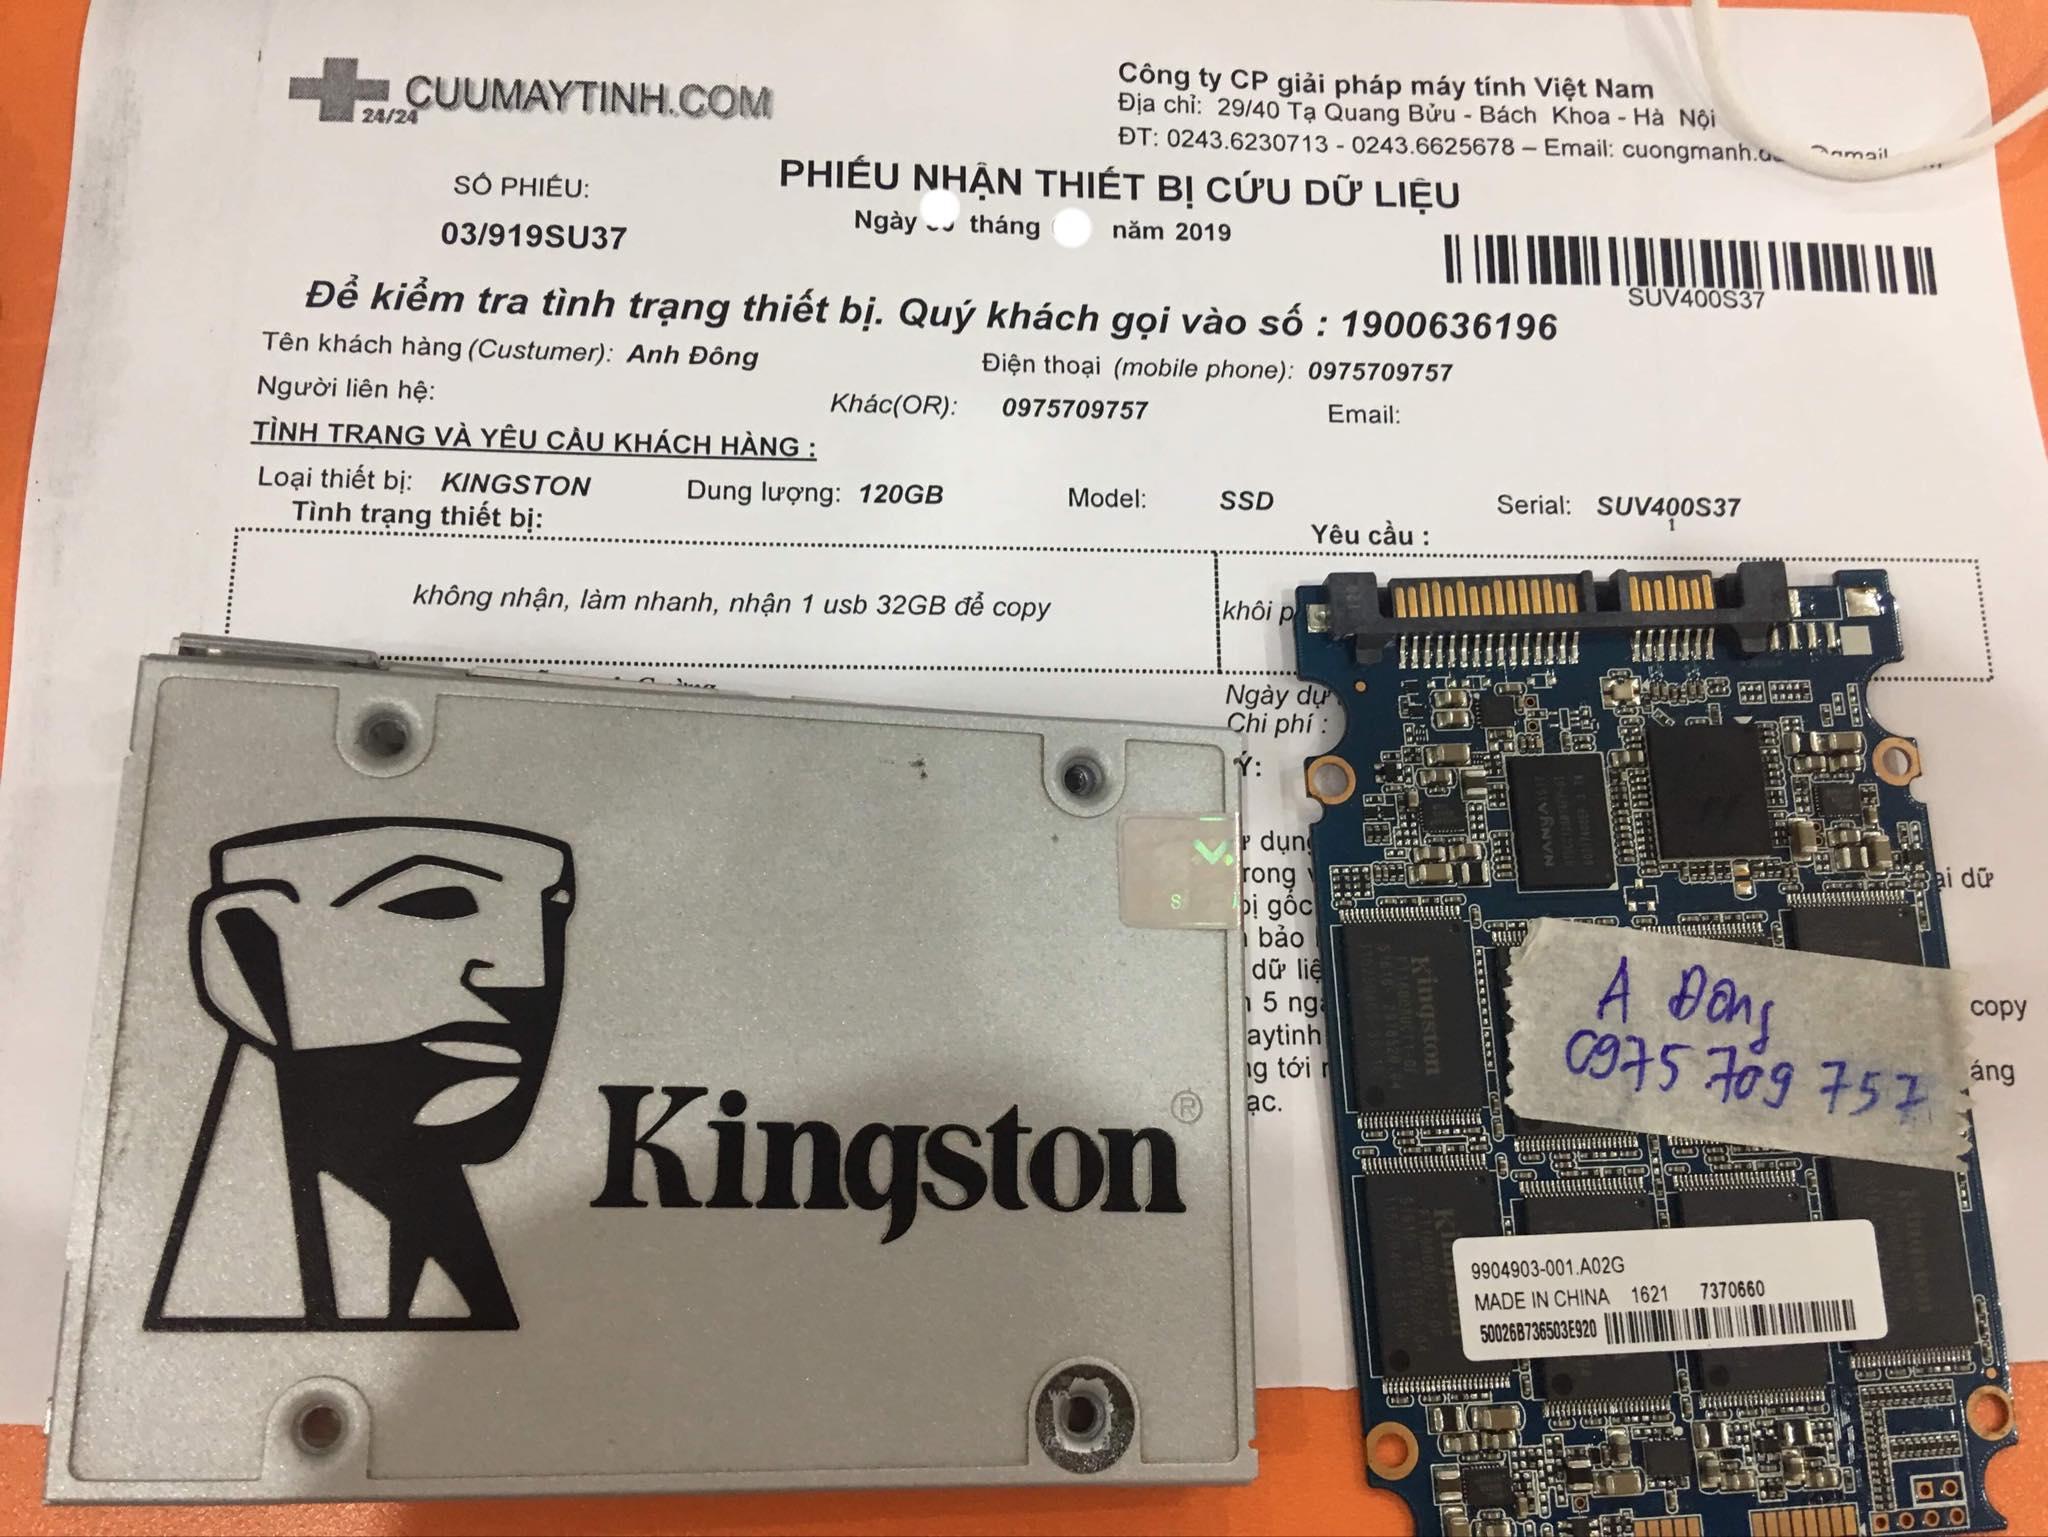 Khôi phục dữ liệu ổ cứng SSD Kingston 120GB không nhận 05/10/2019 - cuumaytinh